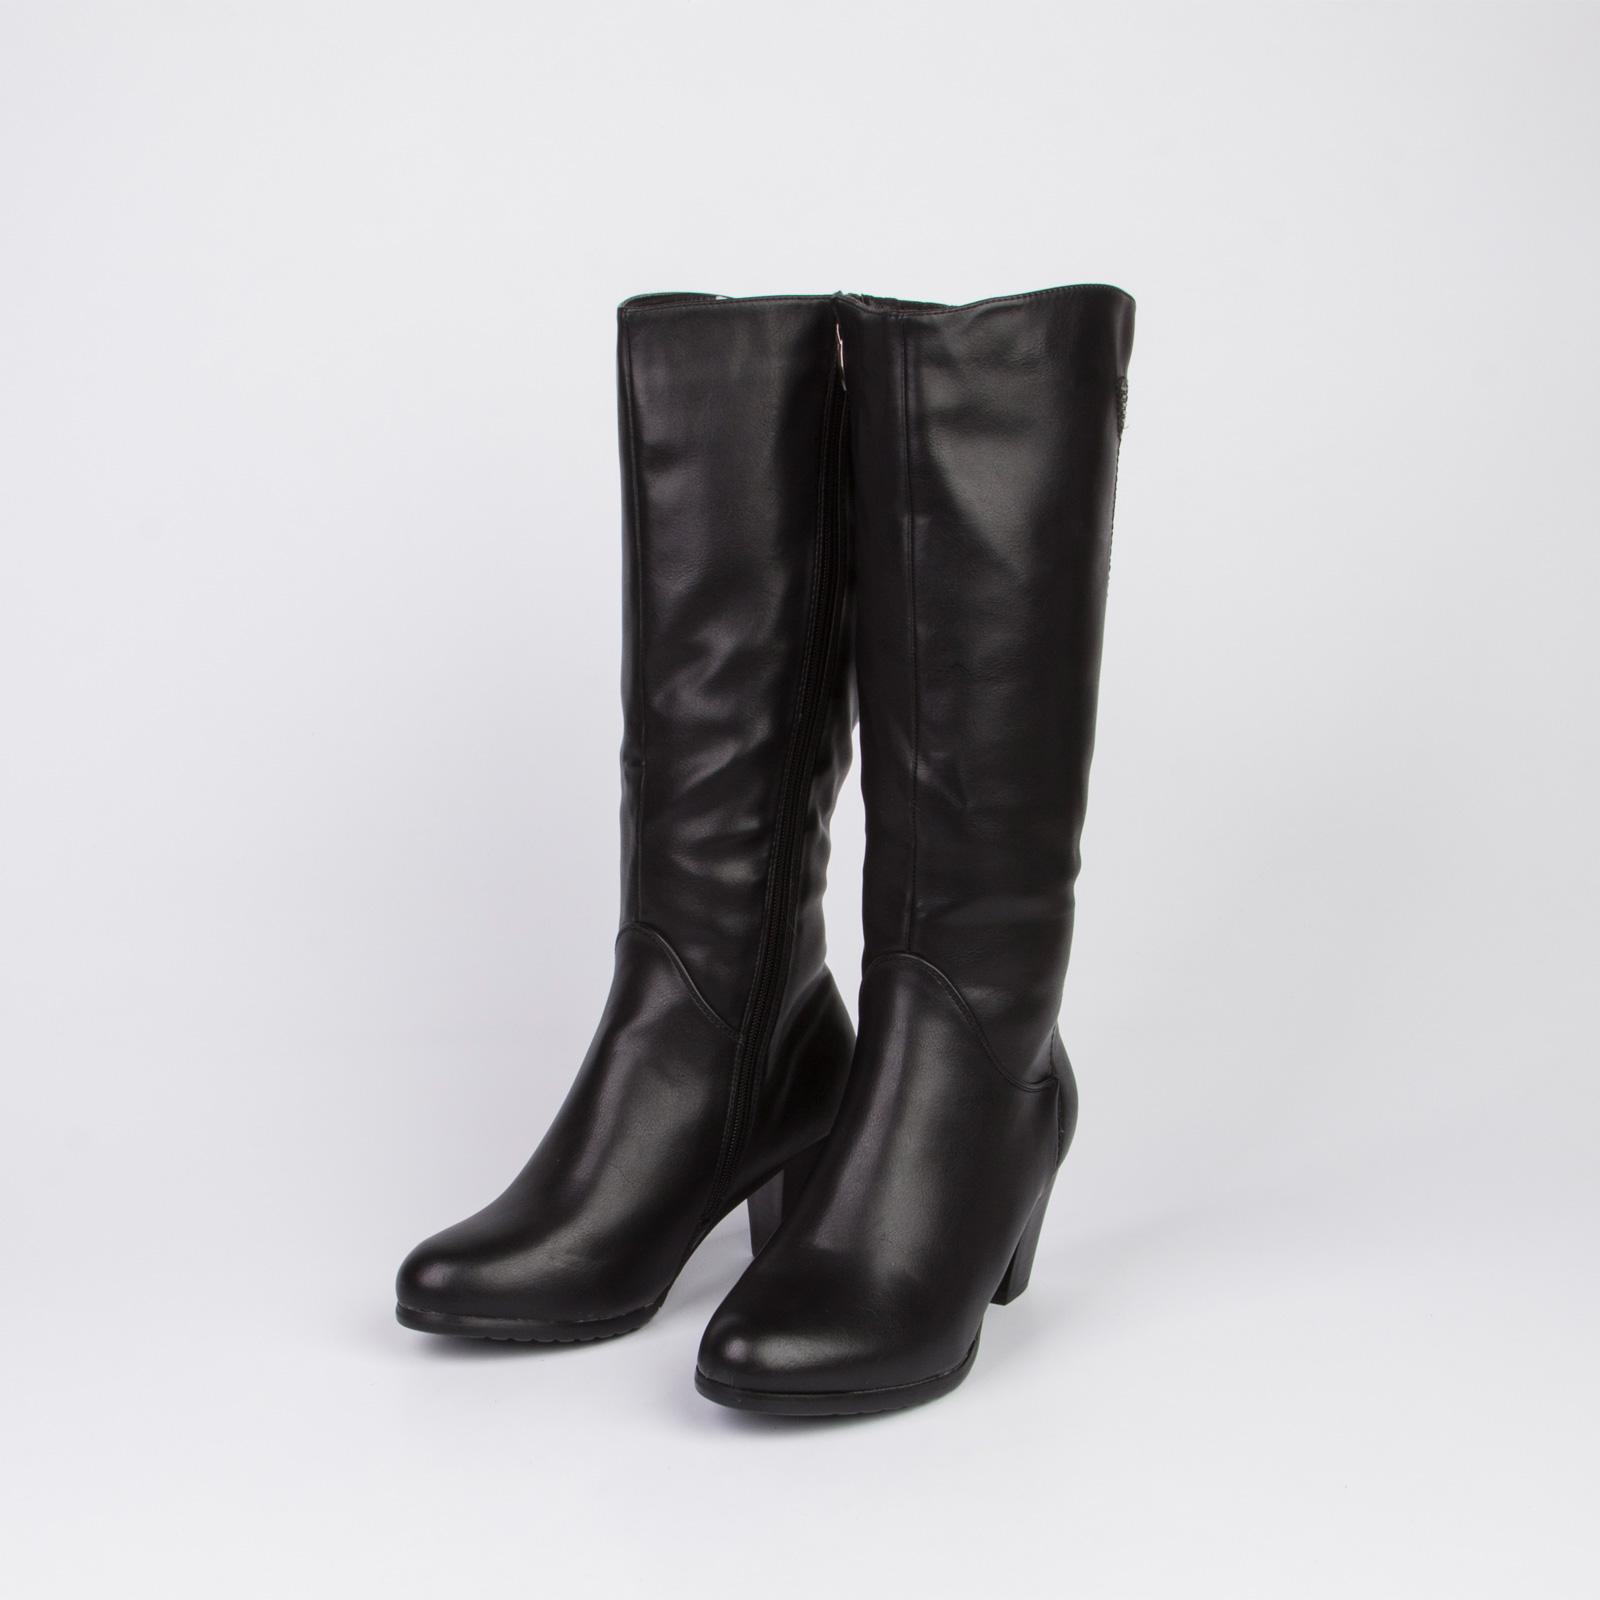 Сапоги женские классические на удобном каблуке и молнии